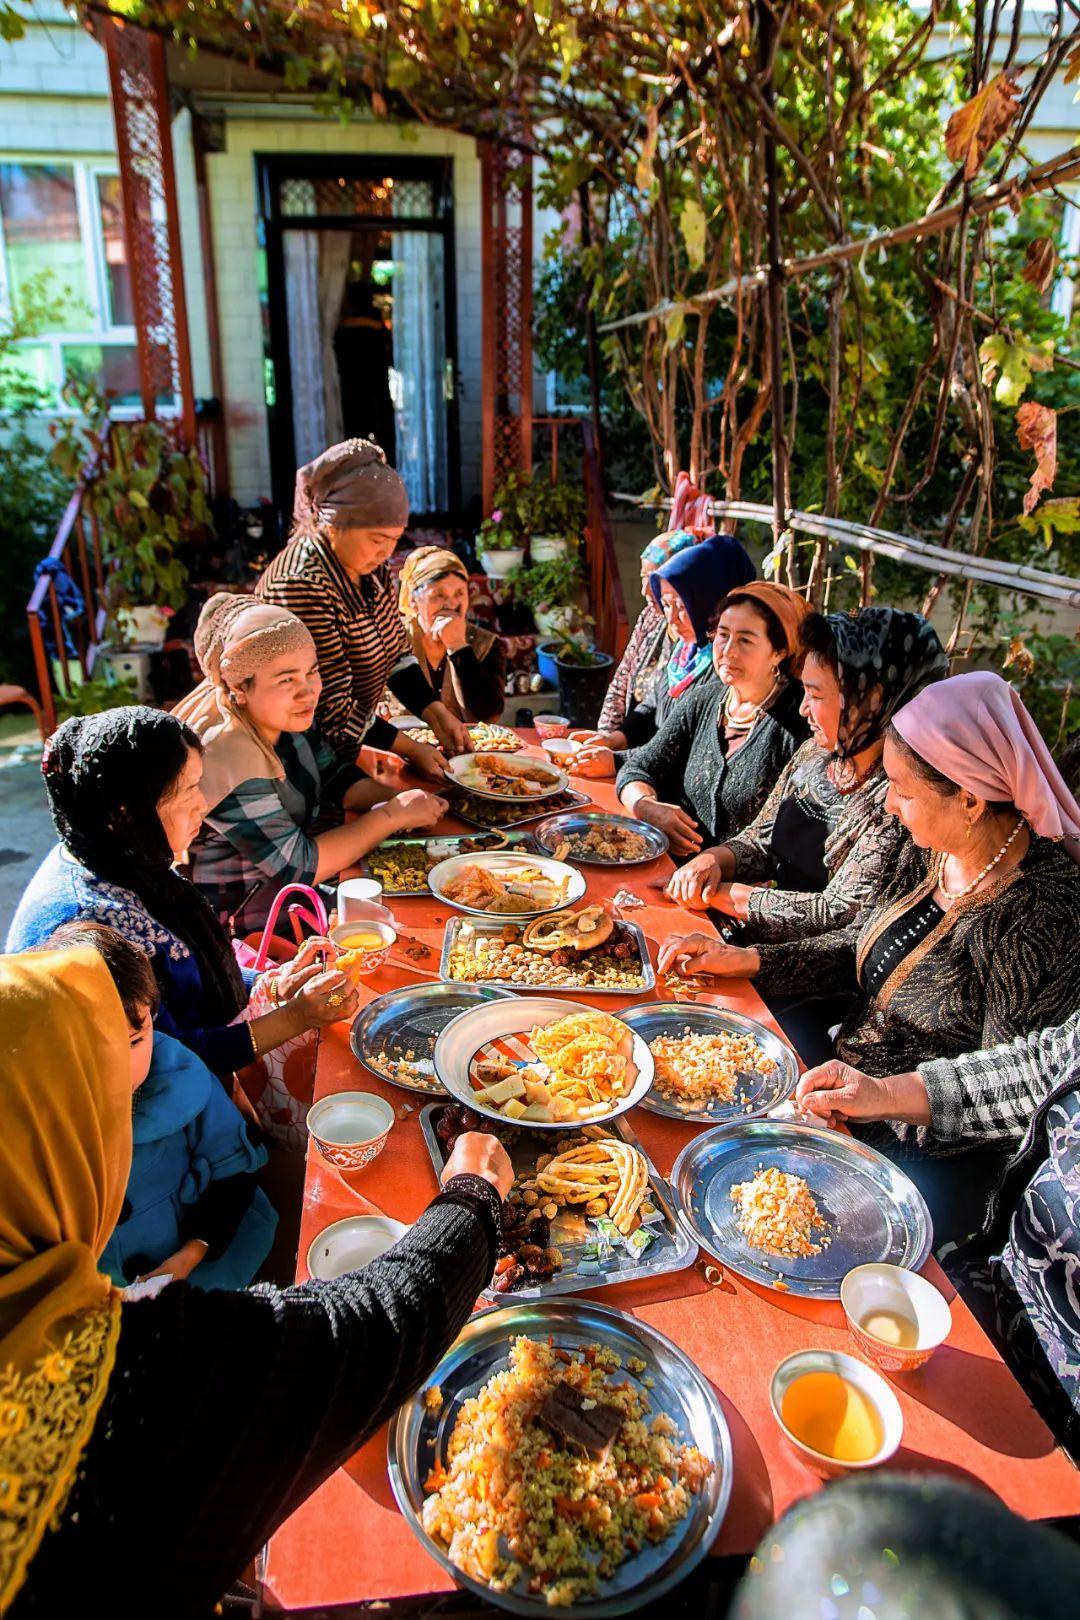 ▲ 姐妹们的聚餐。摄影/赖宇宁